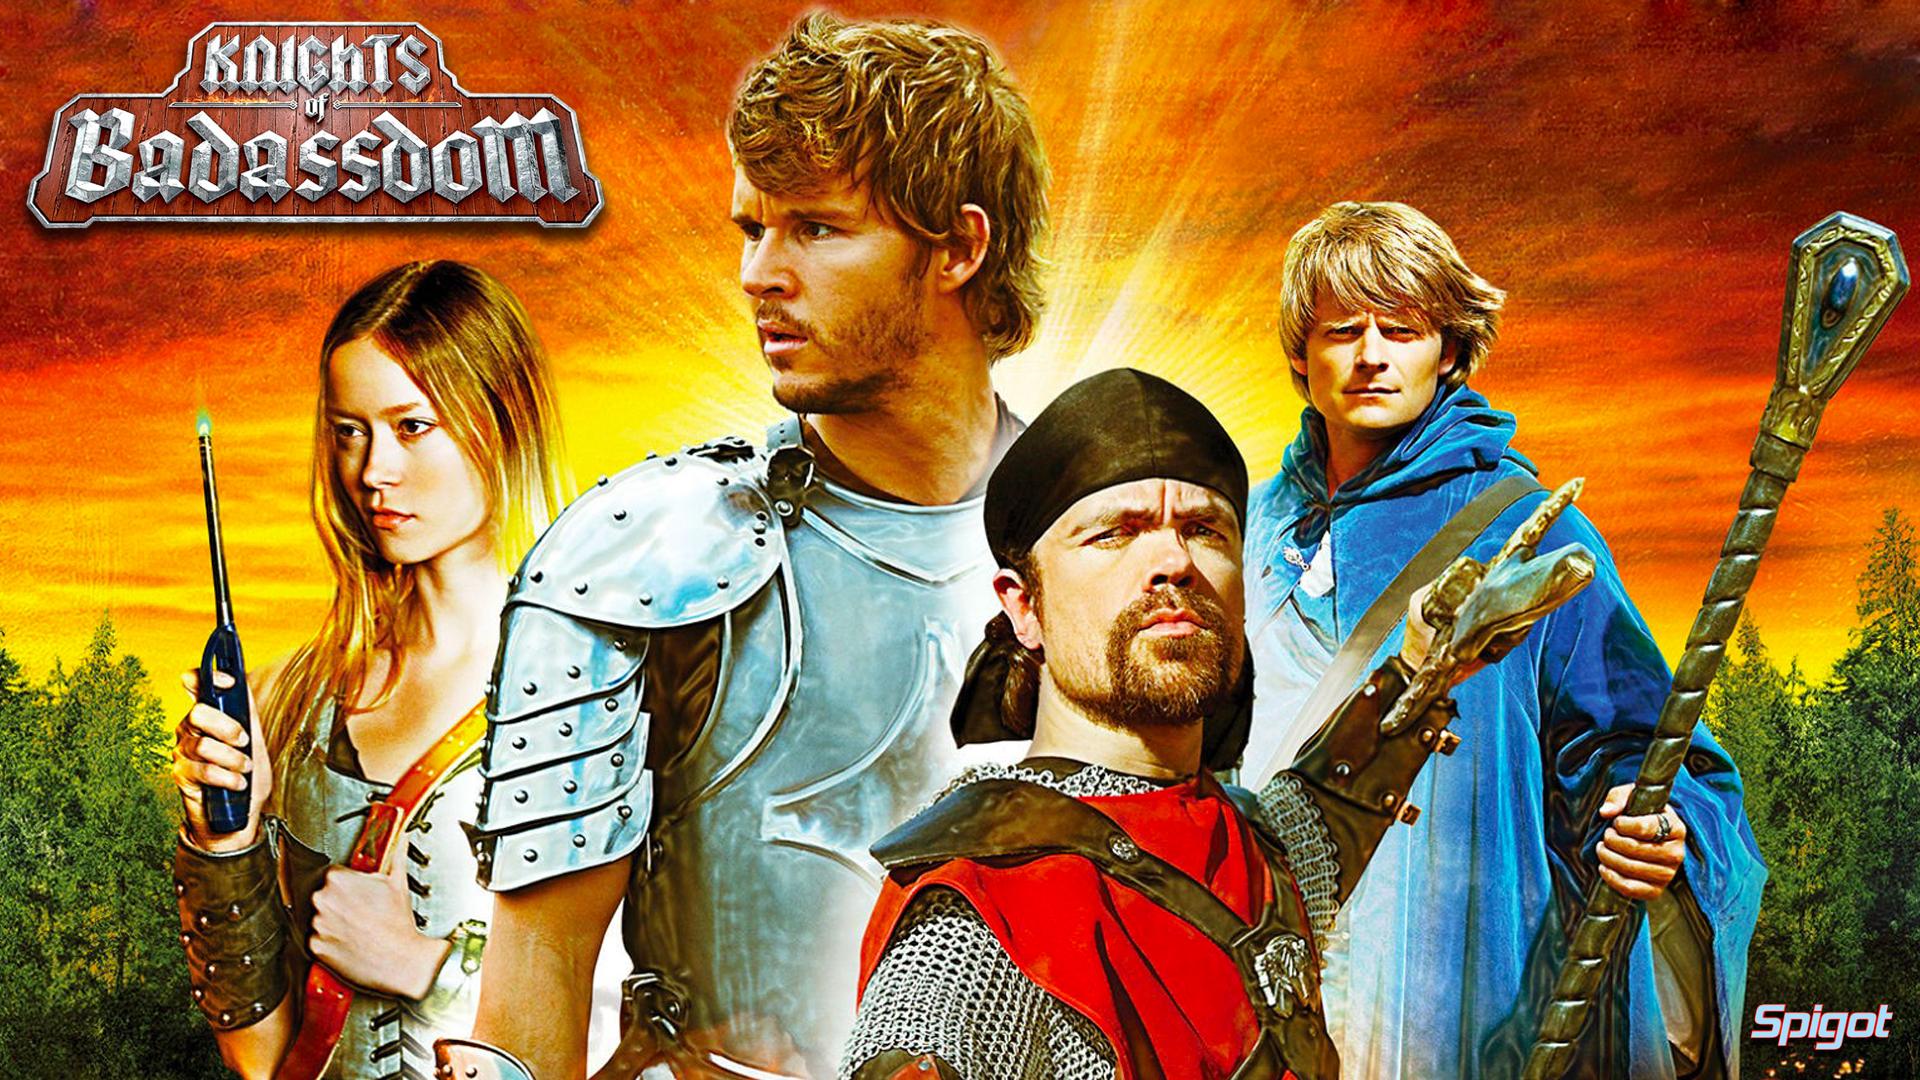 Knights of Badassdom affiche